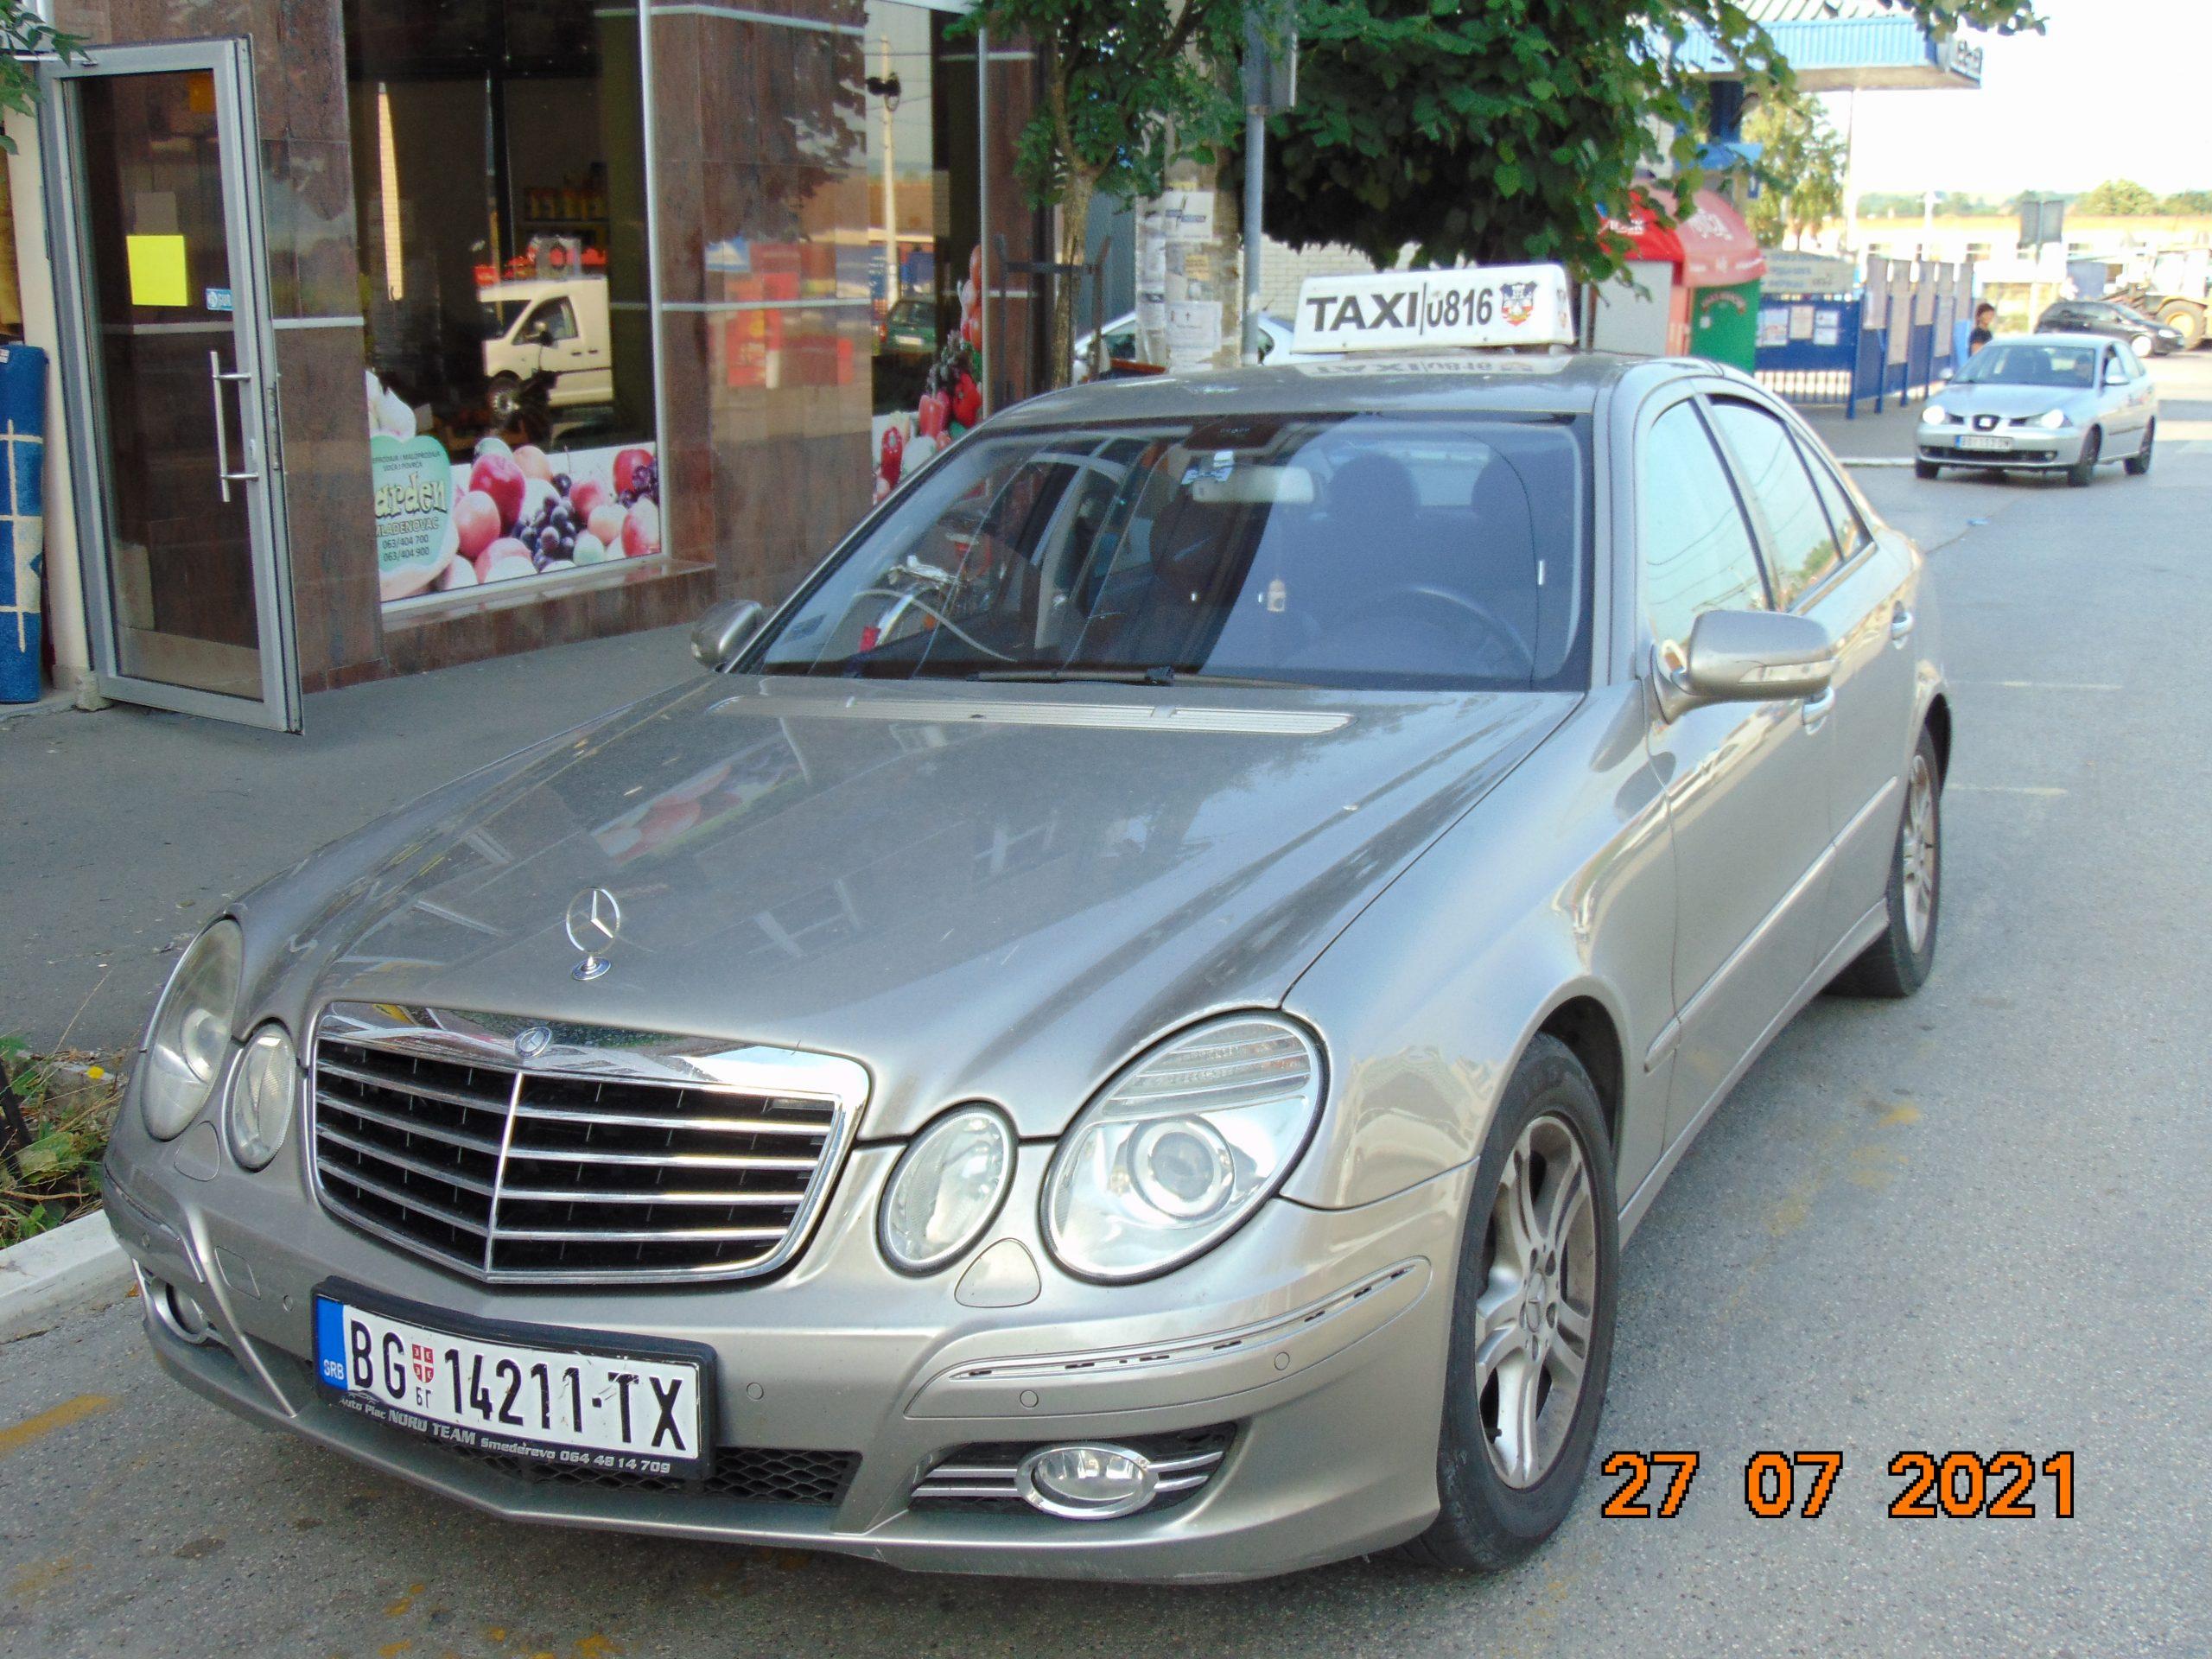 Taxi-Sasa